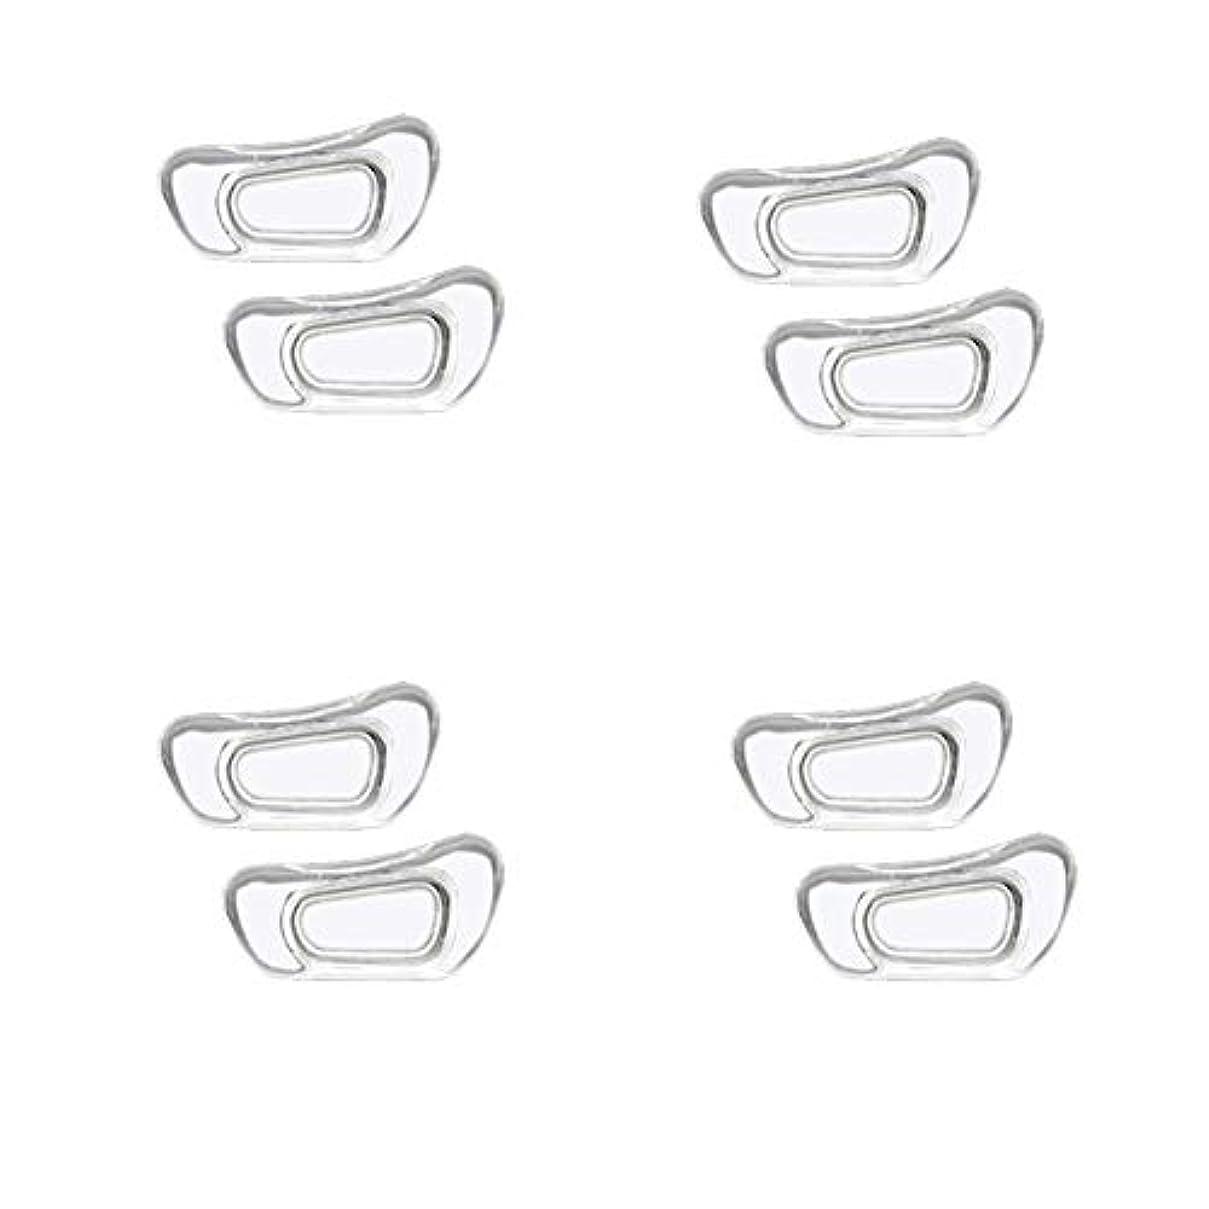 表現わずらわしいふくろうChinashow 4ペア透明シリコーン眼鏡 ノーズパッド - クラスプは#15スーパーソフトノンスリップ鼻パッド 入力します